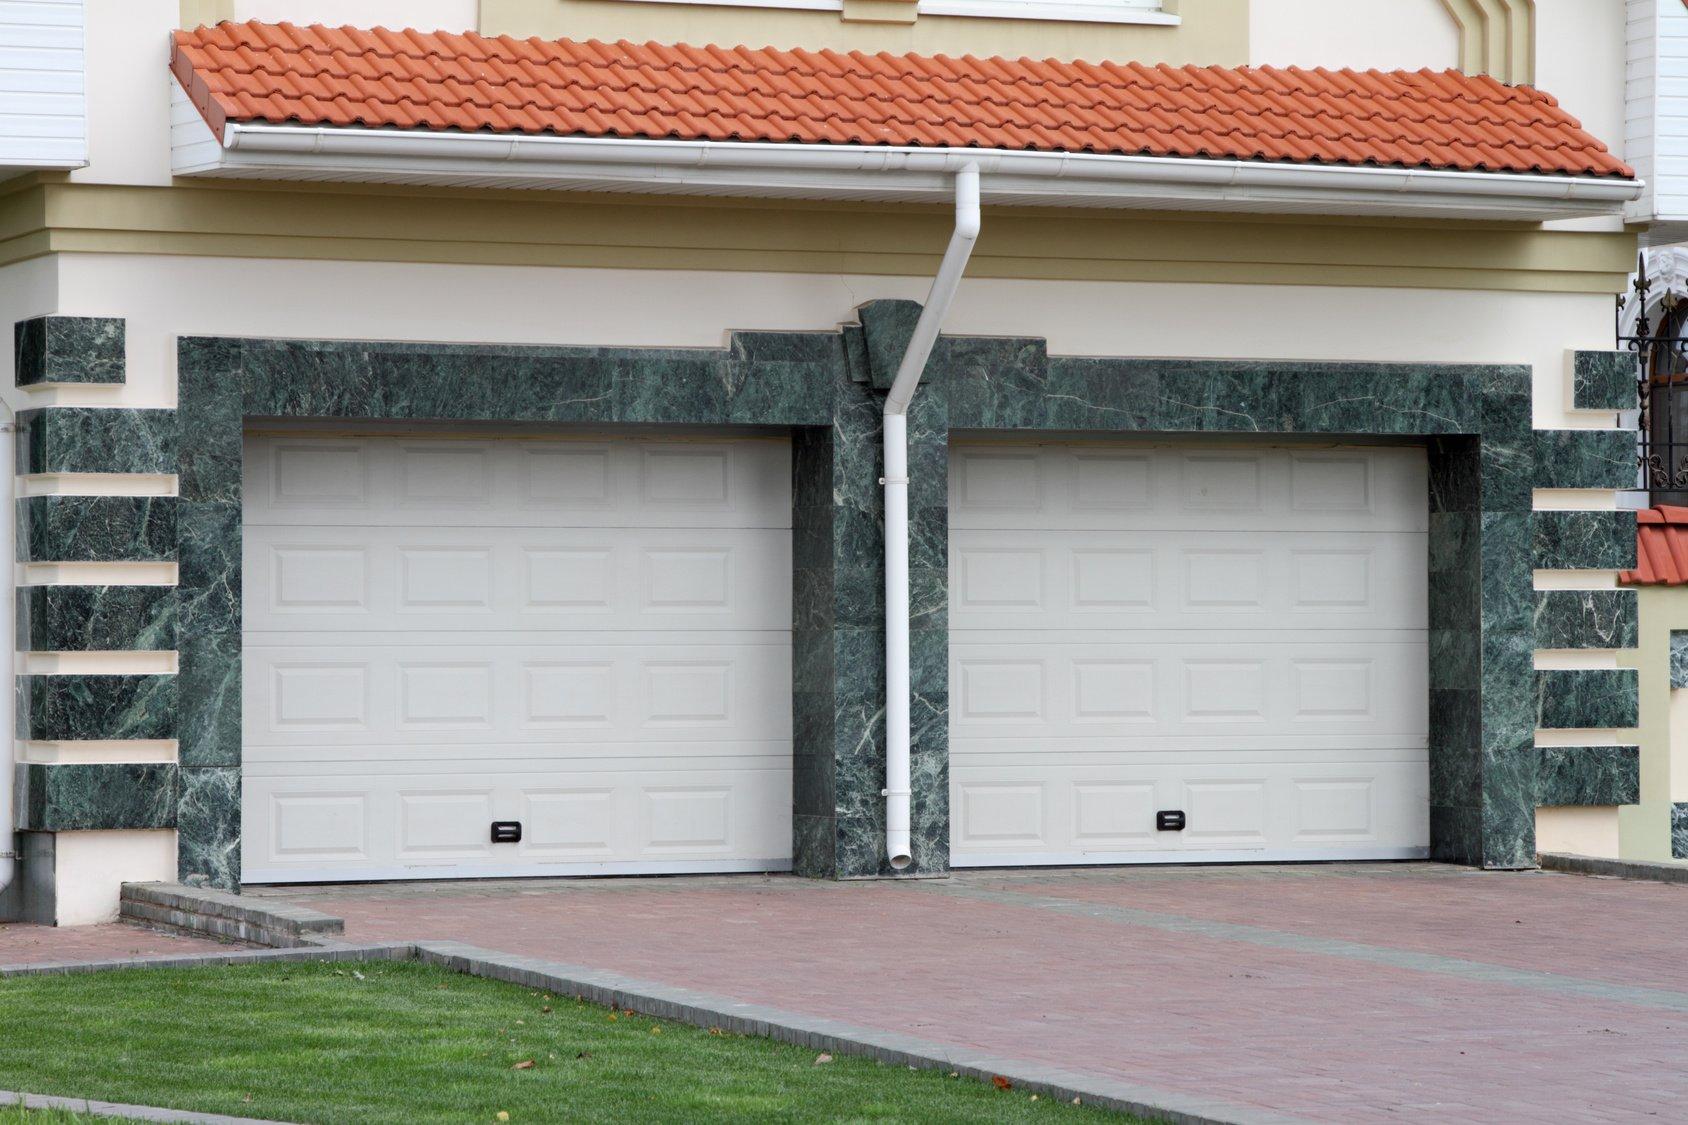 5 Garage Door Installation Safety Tips